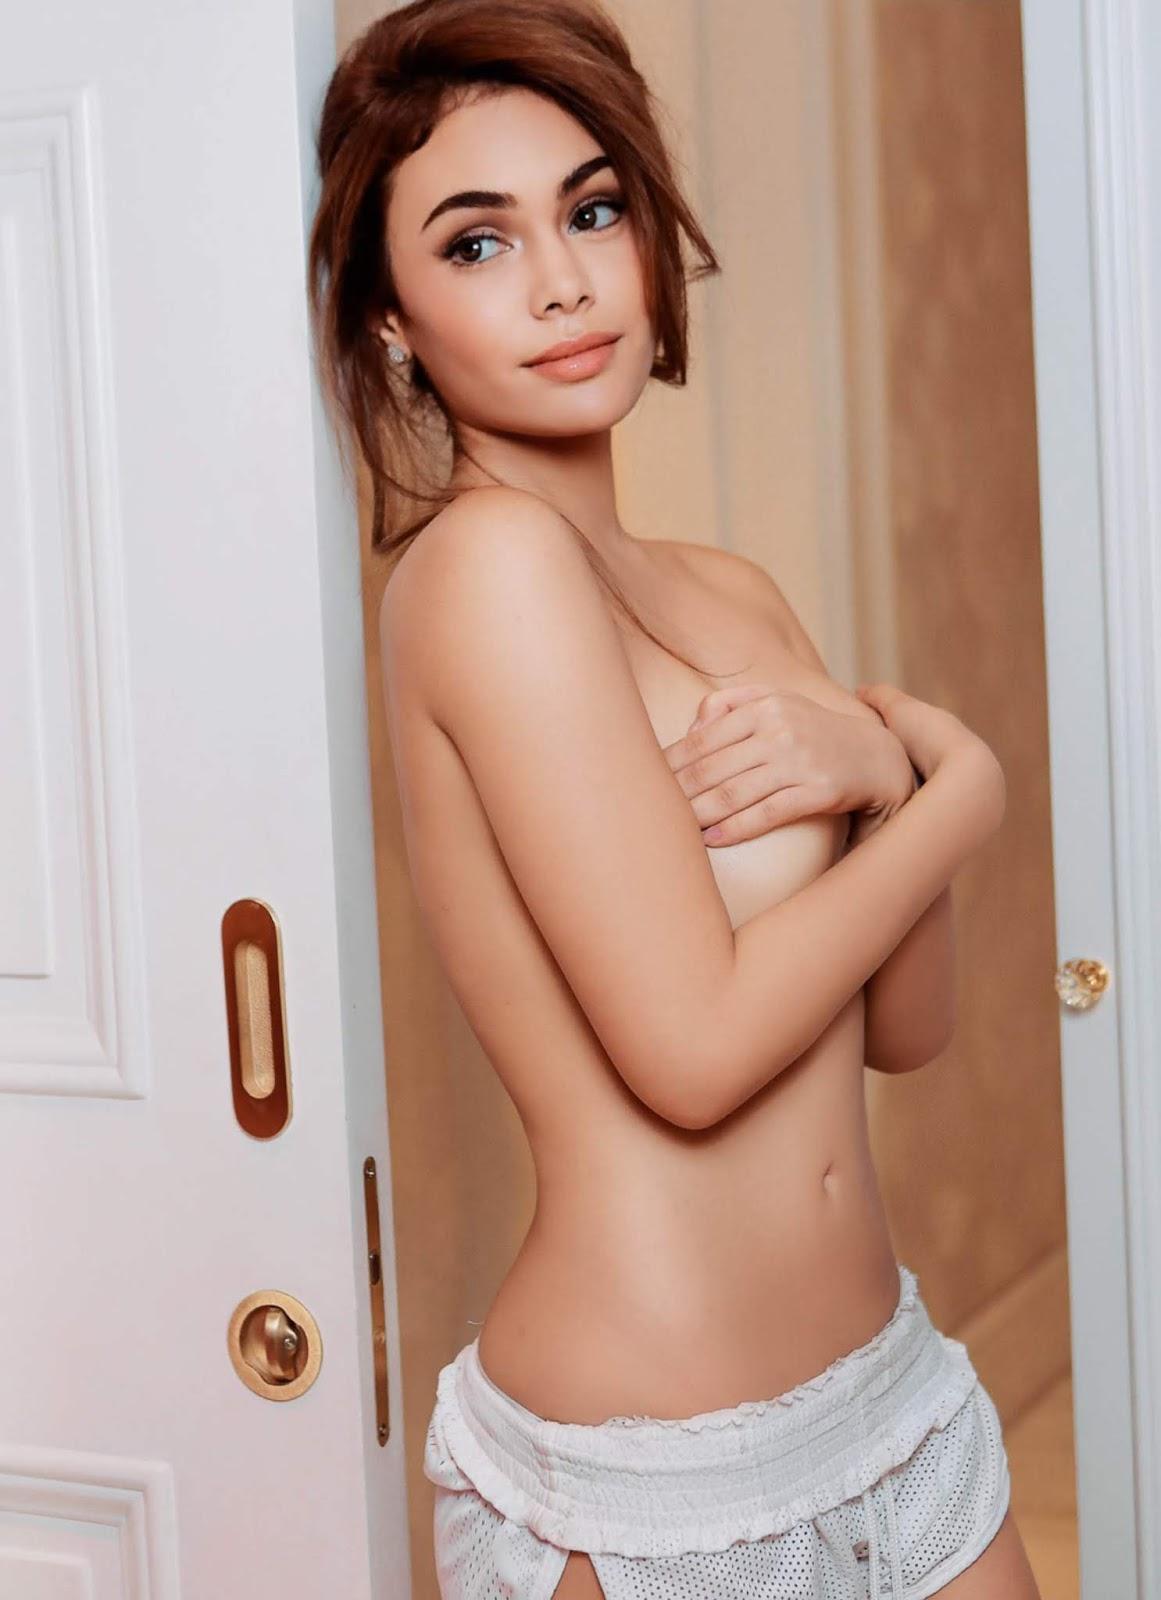 ivana alawi sexy naked pics